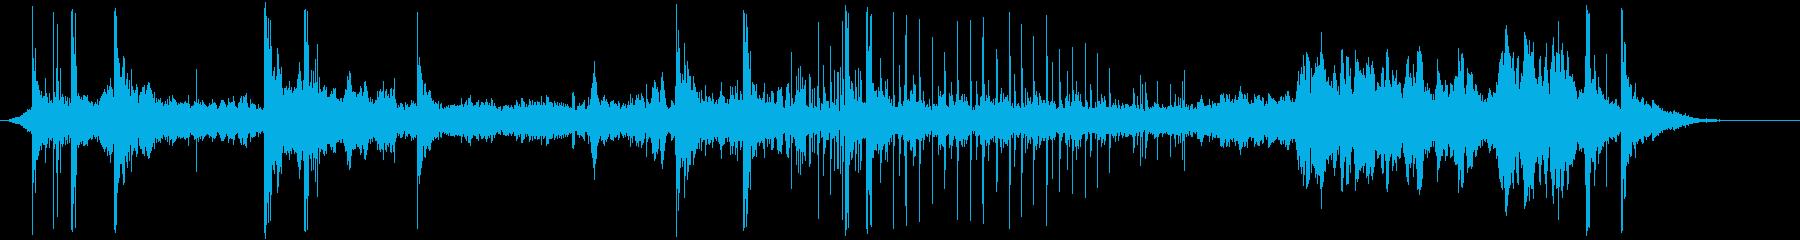 空気圧ドライバーの再生済みの波形